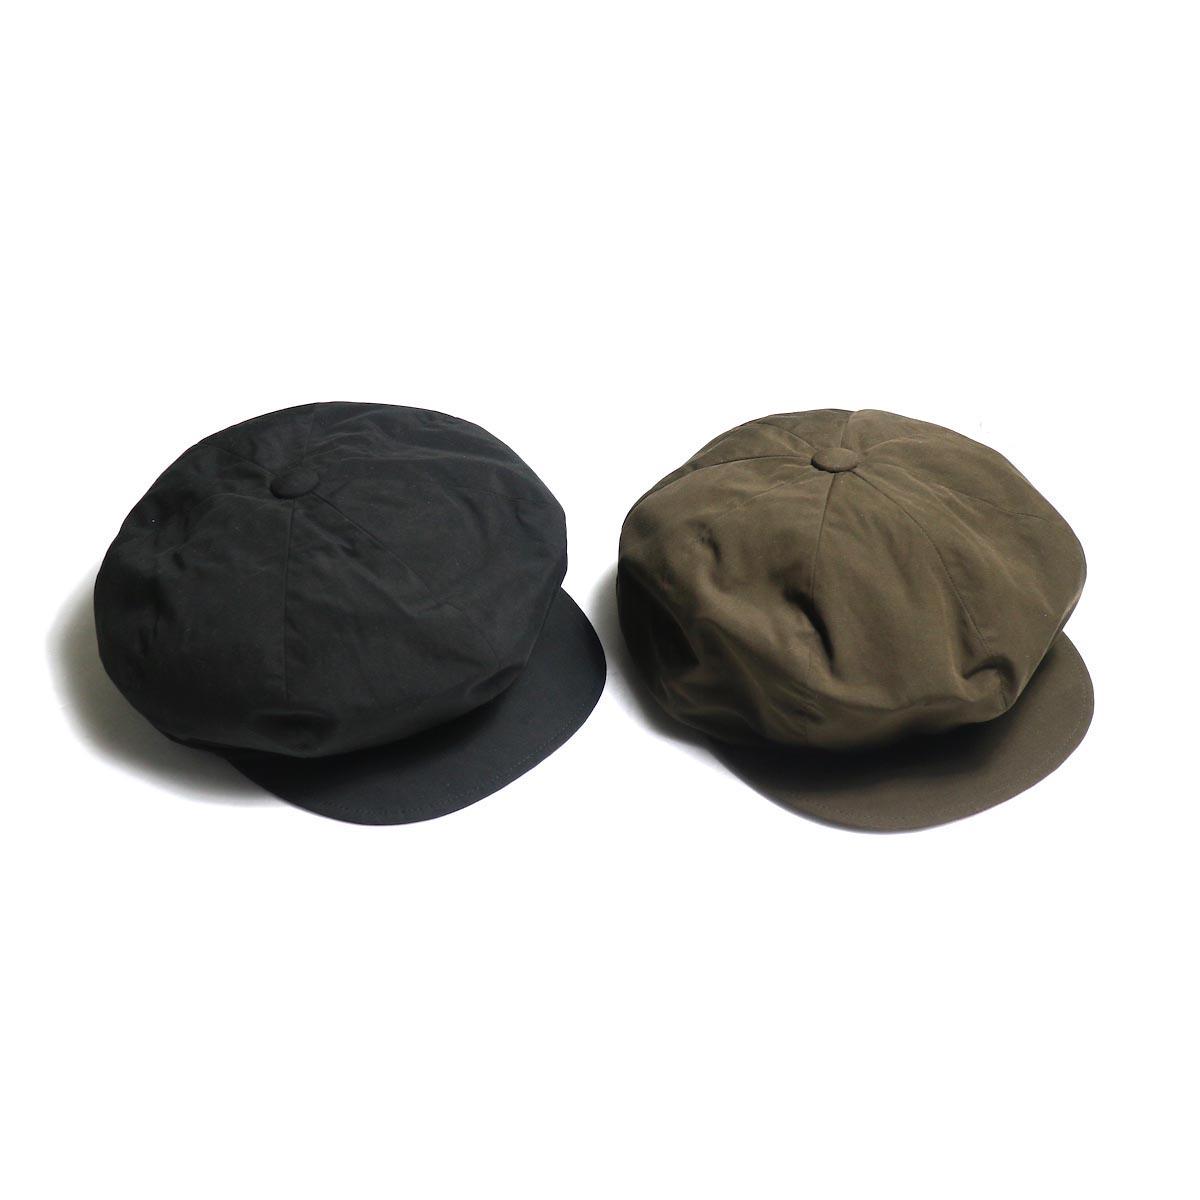 KIJIMA TAKAYUKI / Washable Leather Casket (No.192719)